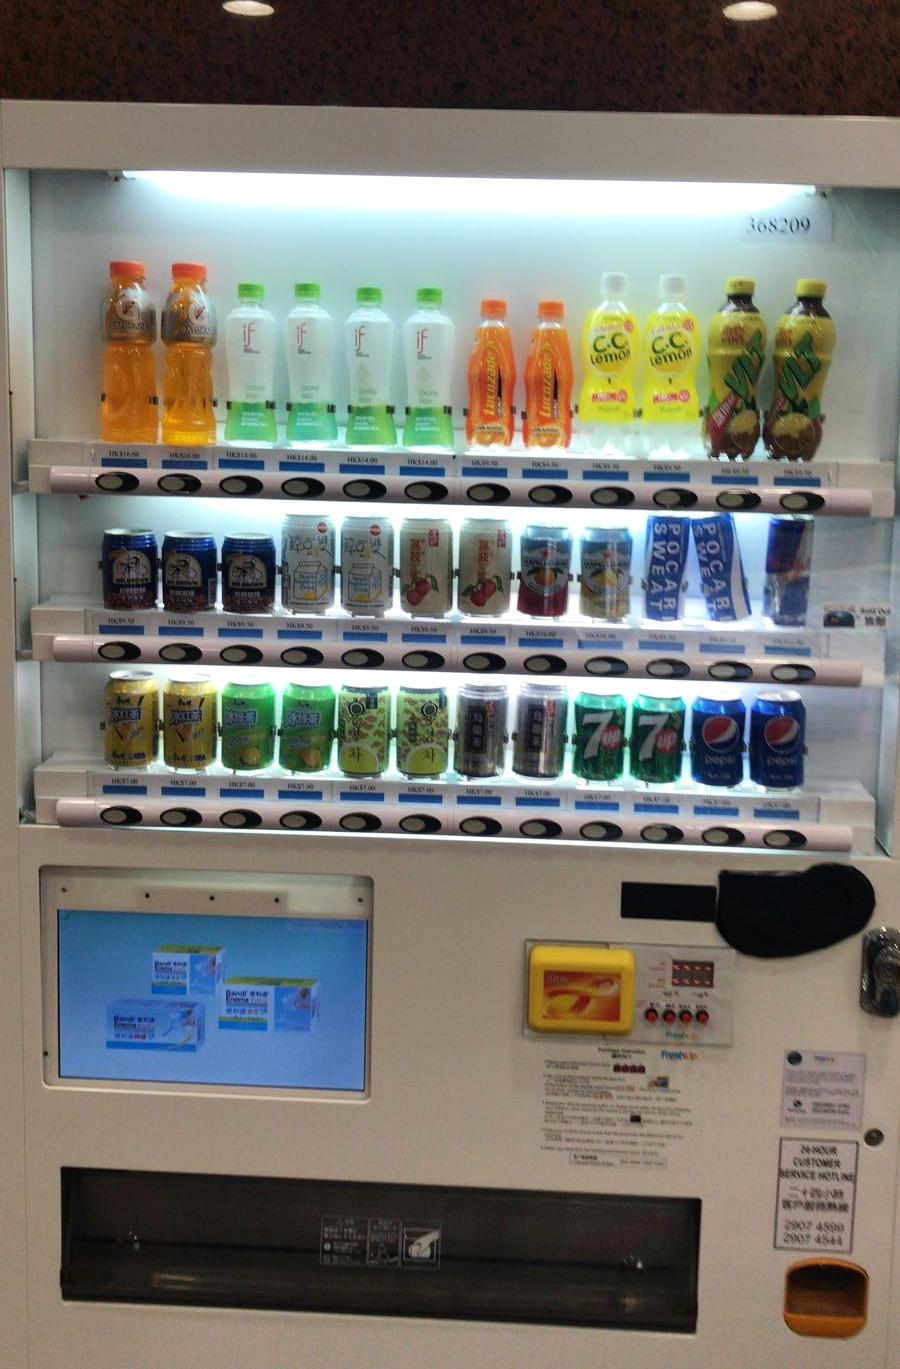 FreshUp,自動售賣機,自動販賣機,零食,飲品,方便,快捷,智能,醫管局,醫院,互動